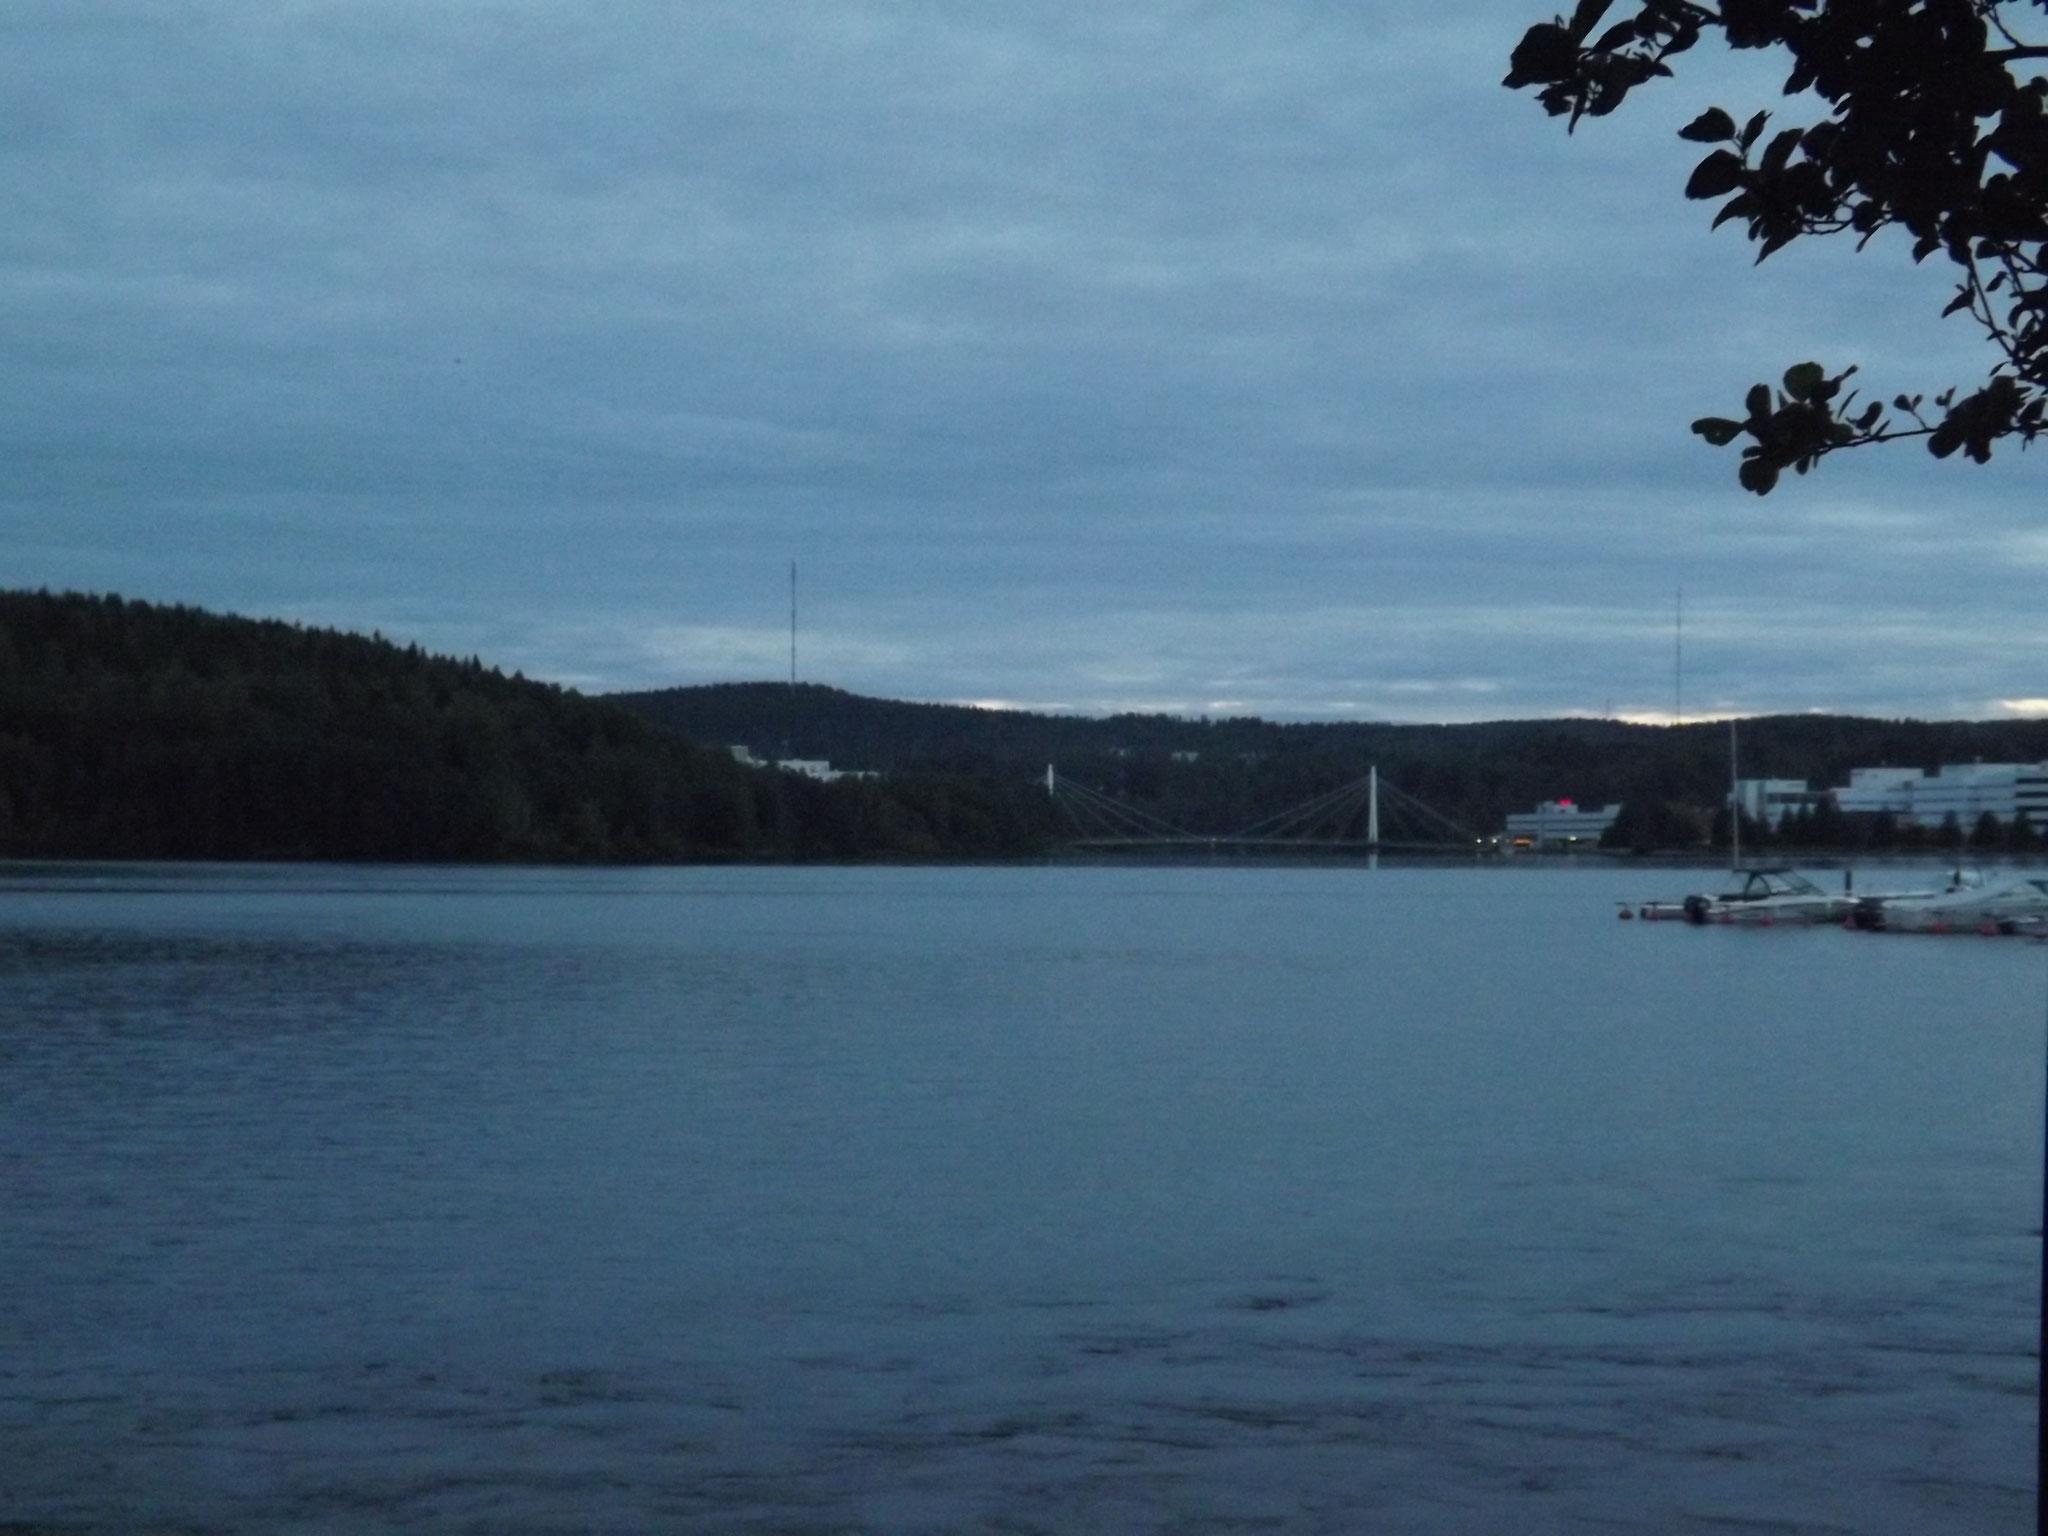 Idyllisch und ruhig präsentierte sich der große See gleich hinter dem Turniergelände.